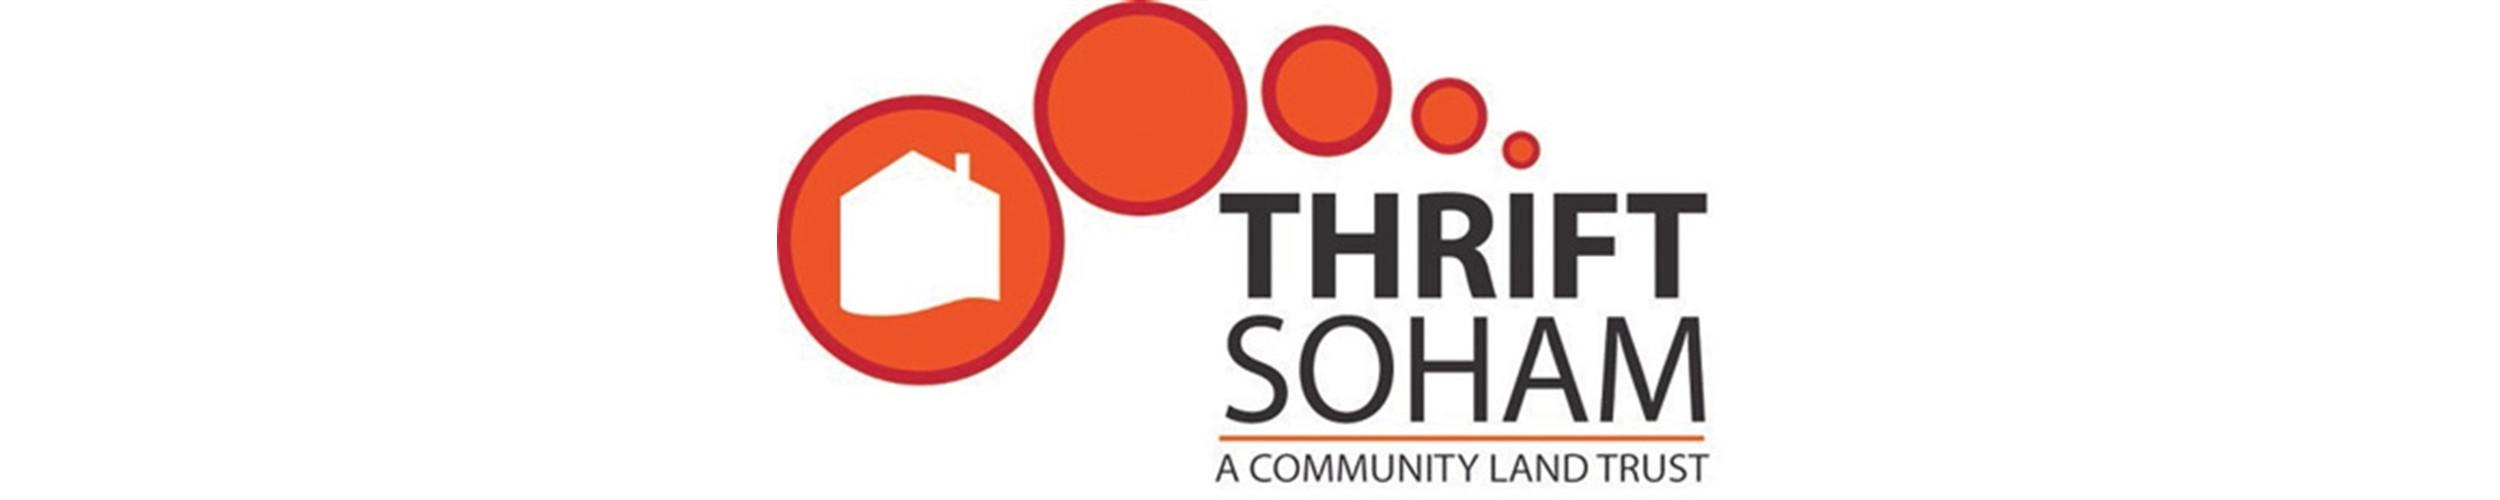 Thrift Soham